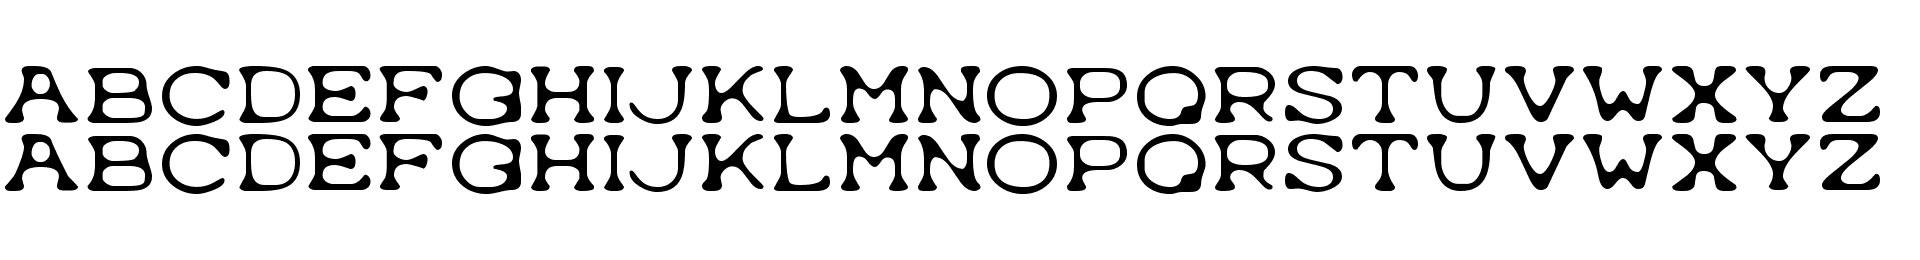 Typewrong